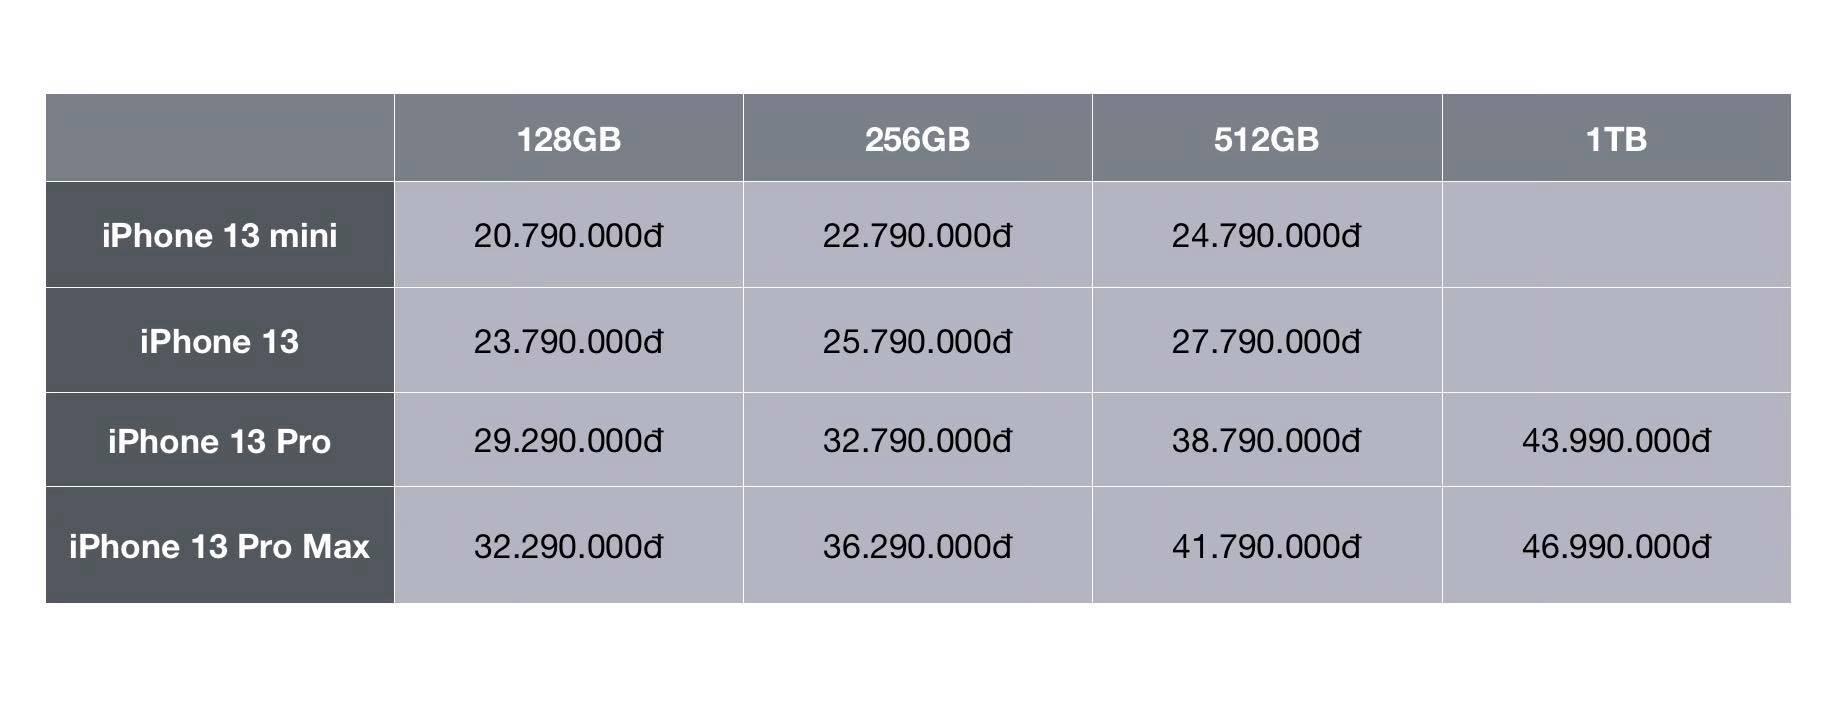 Nhiều đại lý công bố giá bán iPhone 13 chính hãng tại Việt Nam, cao nhất là 50 triệu đồng - Ảnh 5.